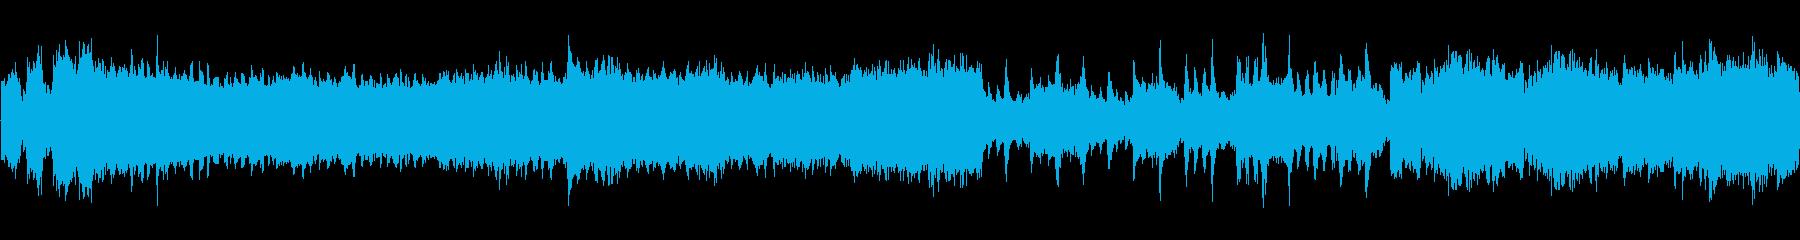 オーケストラワルツ入場舞踏会の再生済みの波形